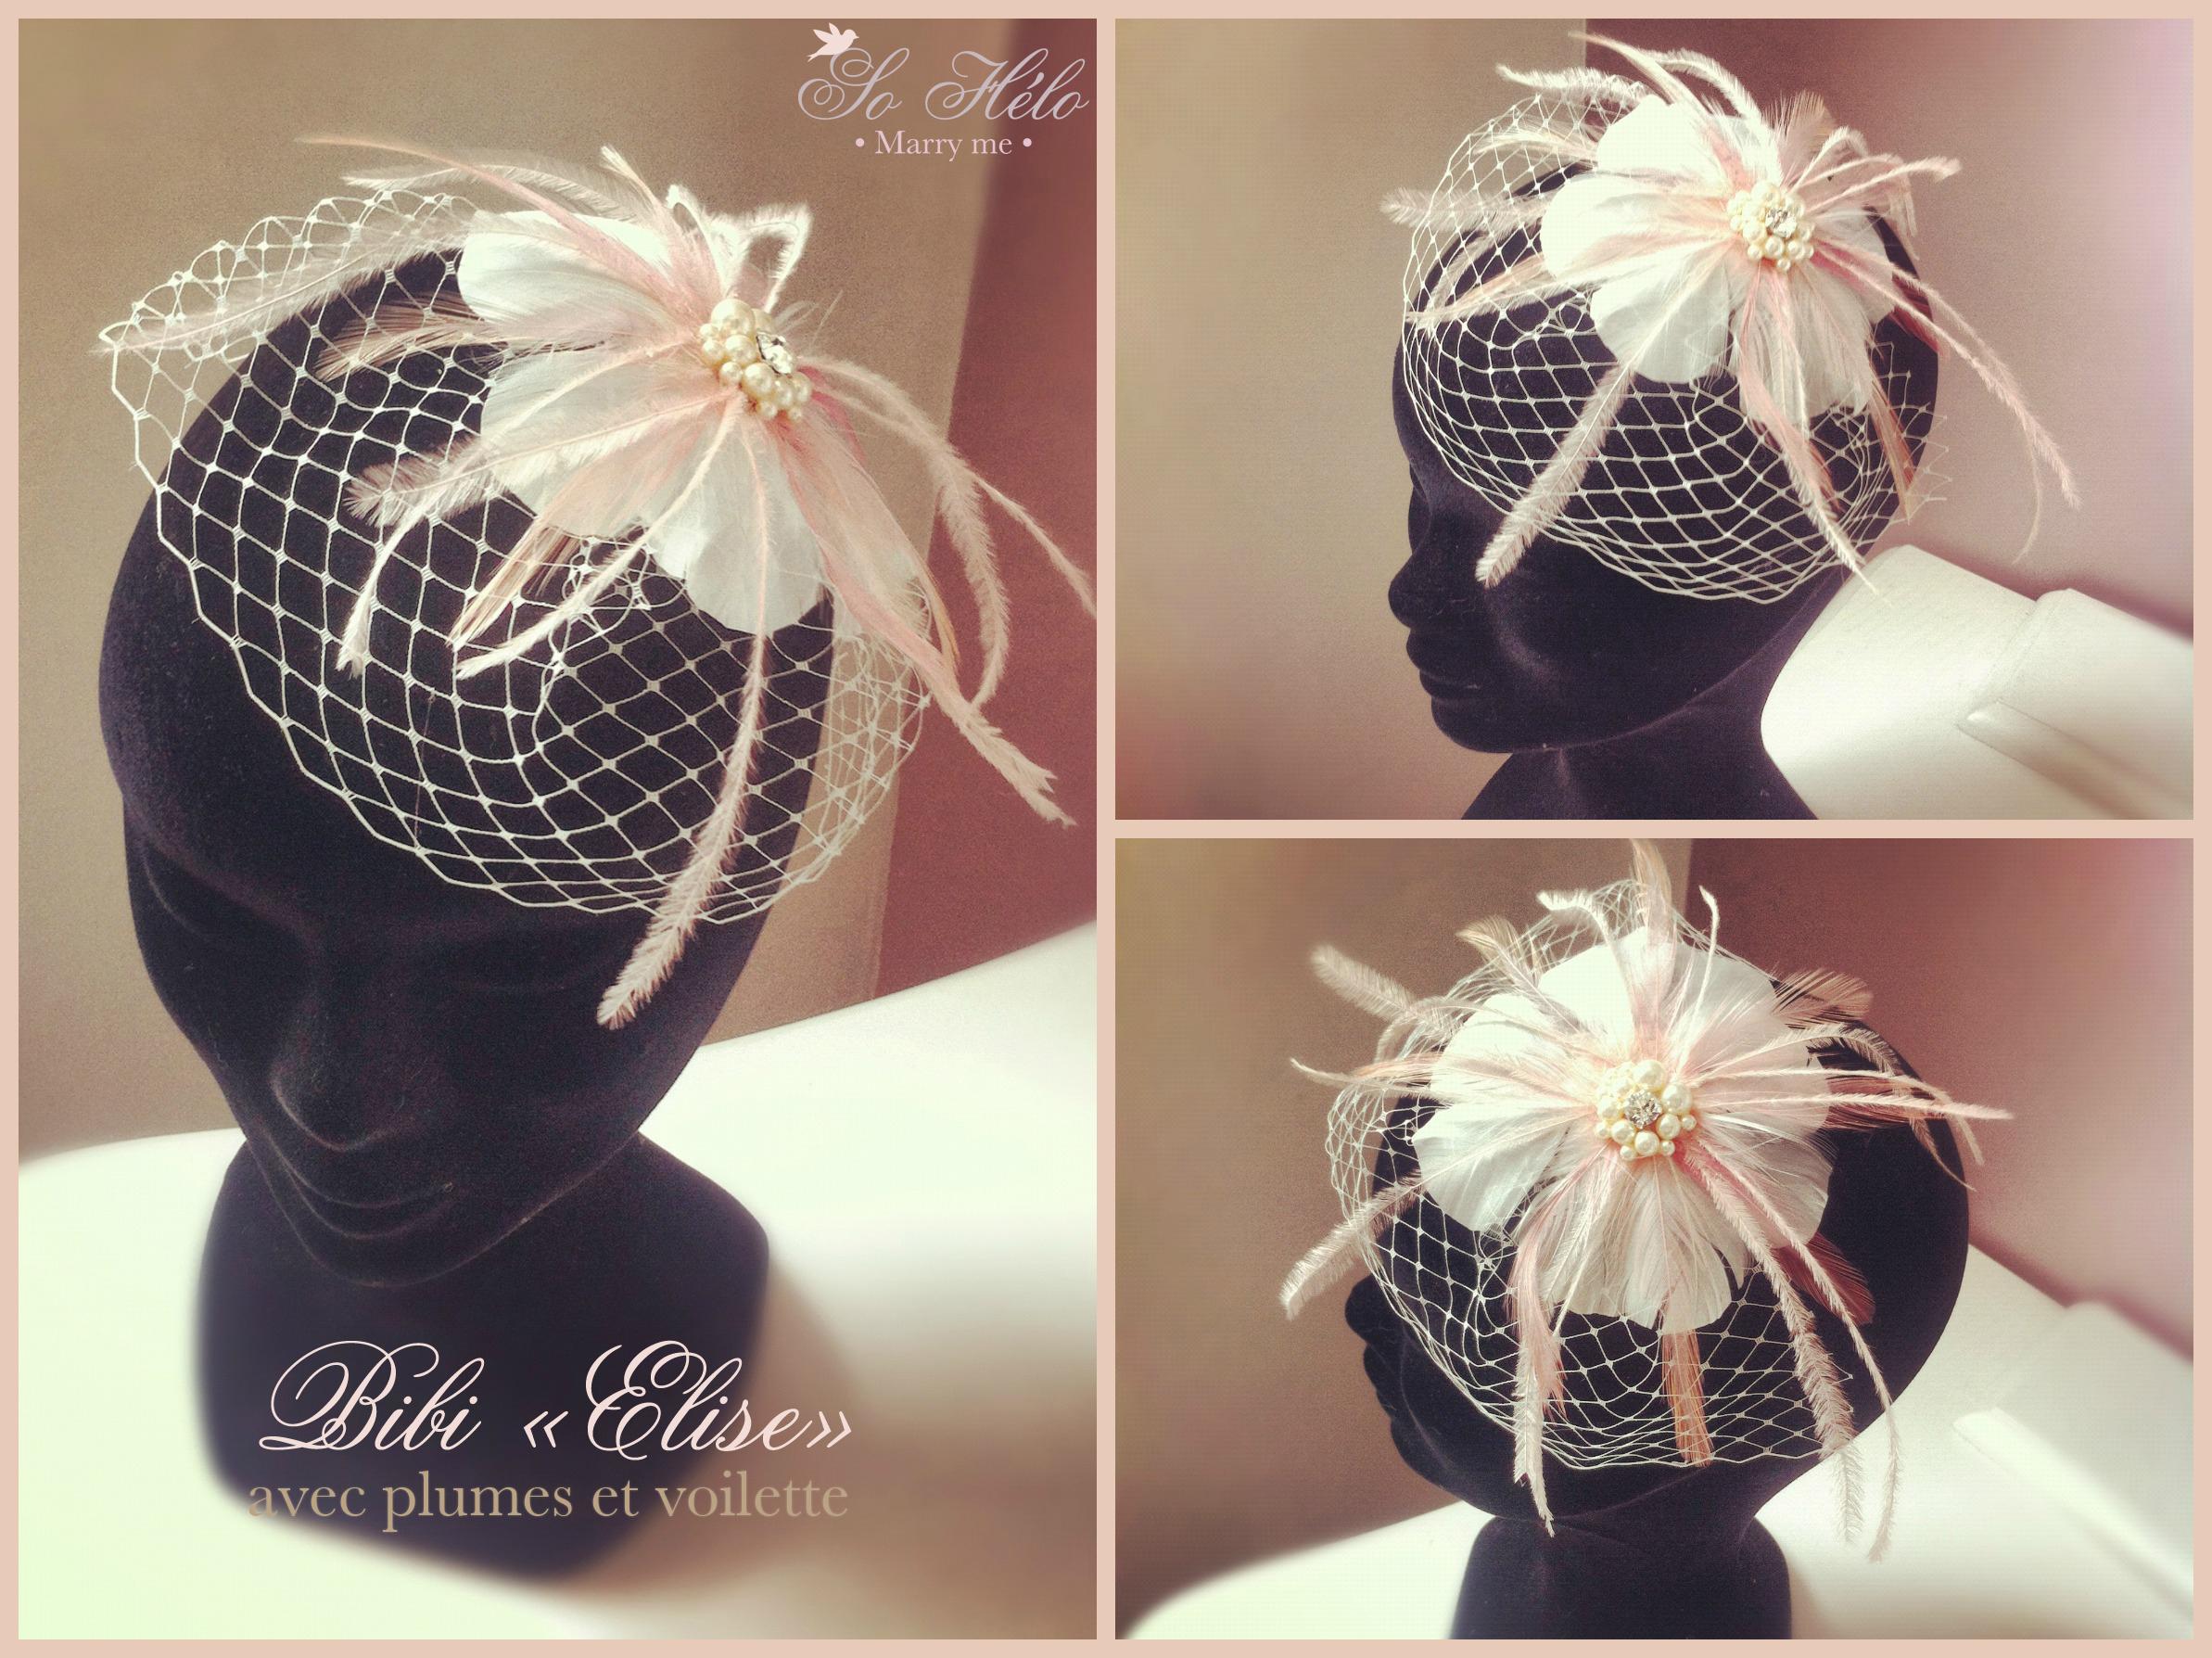 bibi fascinator marie elise avec plumes et voilette - Bibi Mariage Voilette